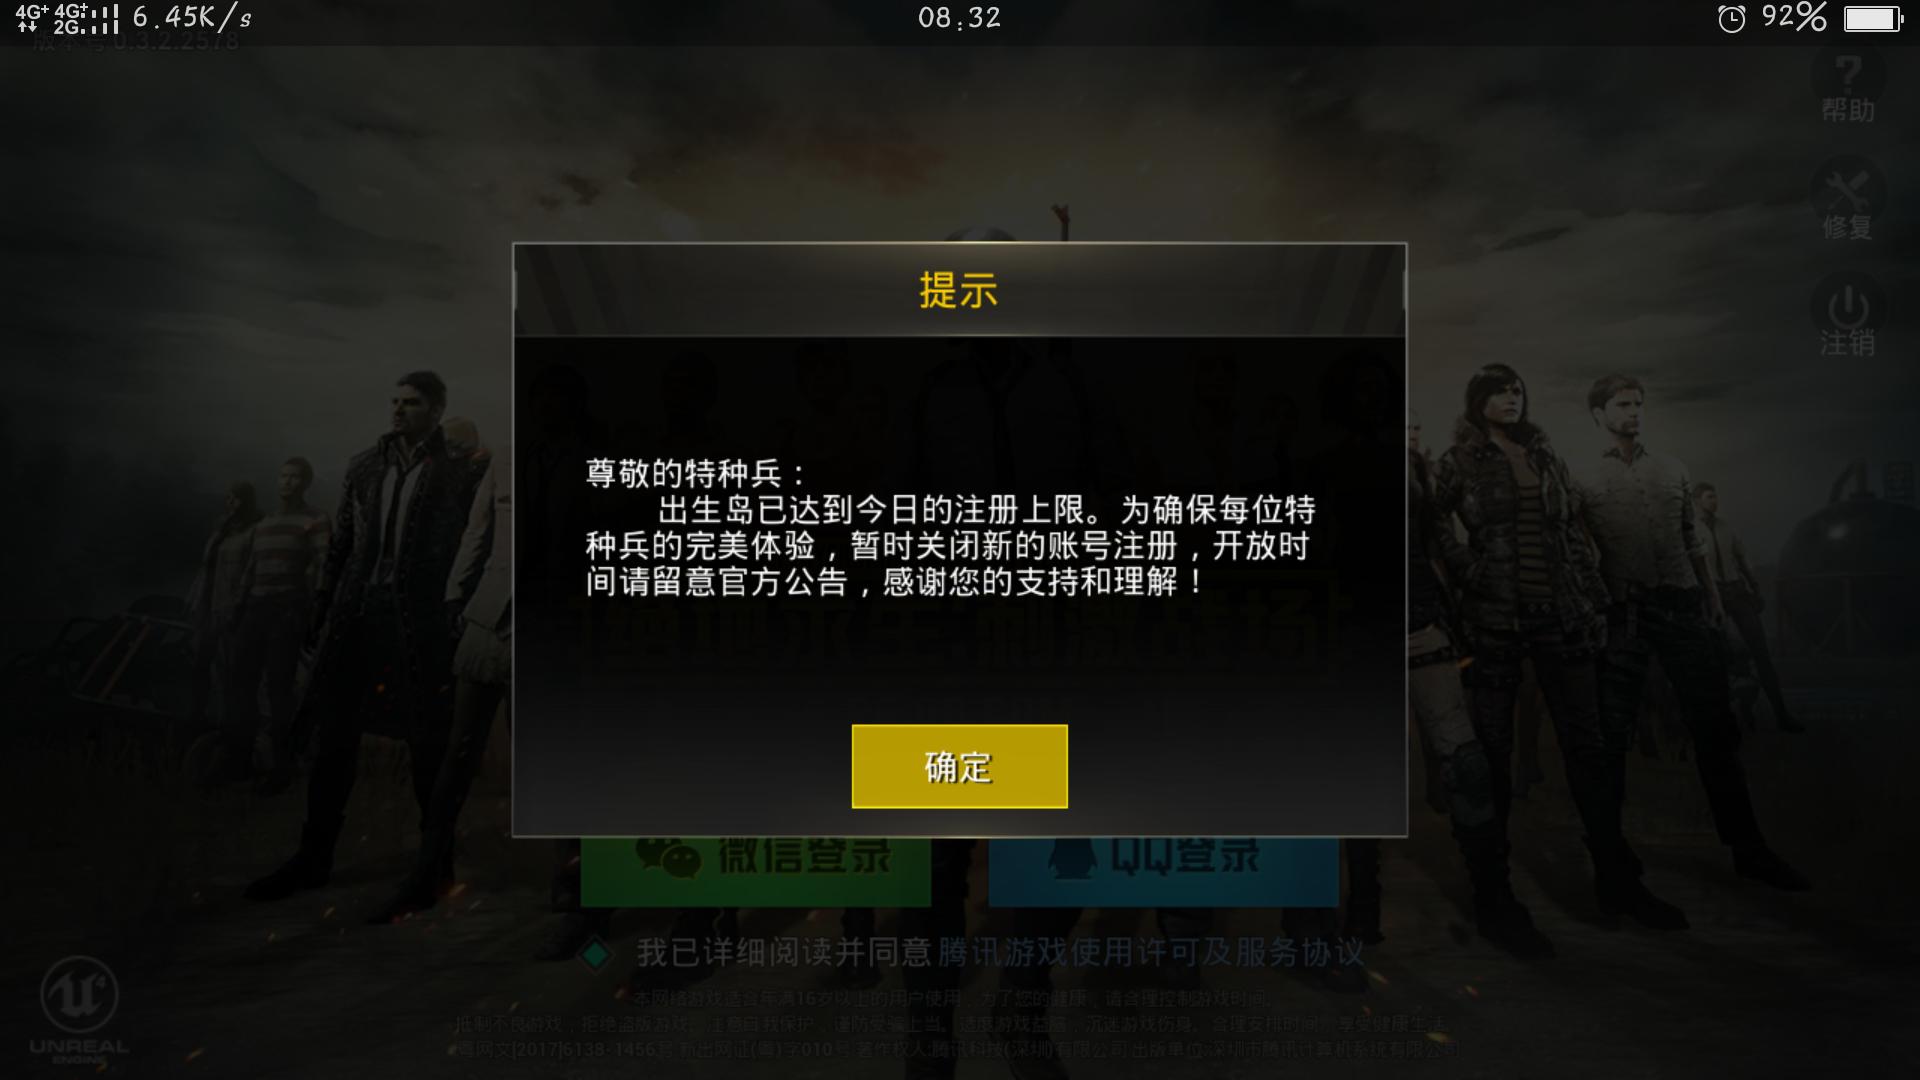 成都线下游戏陪玩服务_网维大师服务器有游戏但是批量添加找不到游戏_游戏服务器